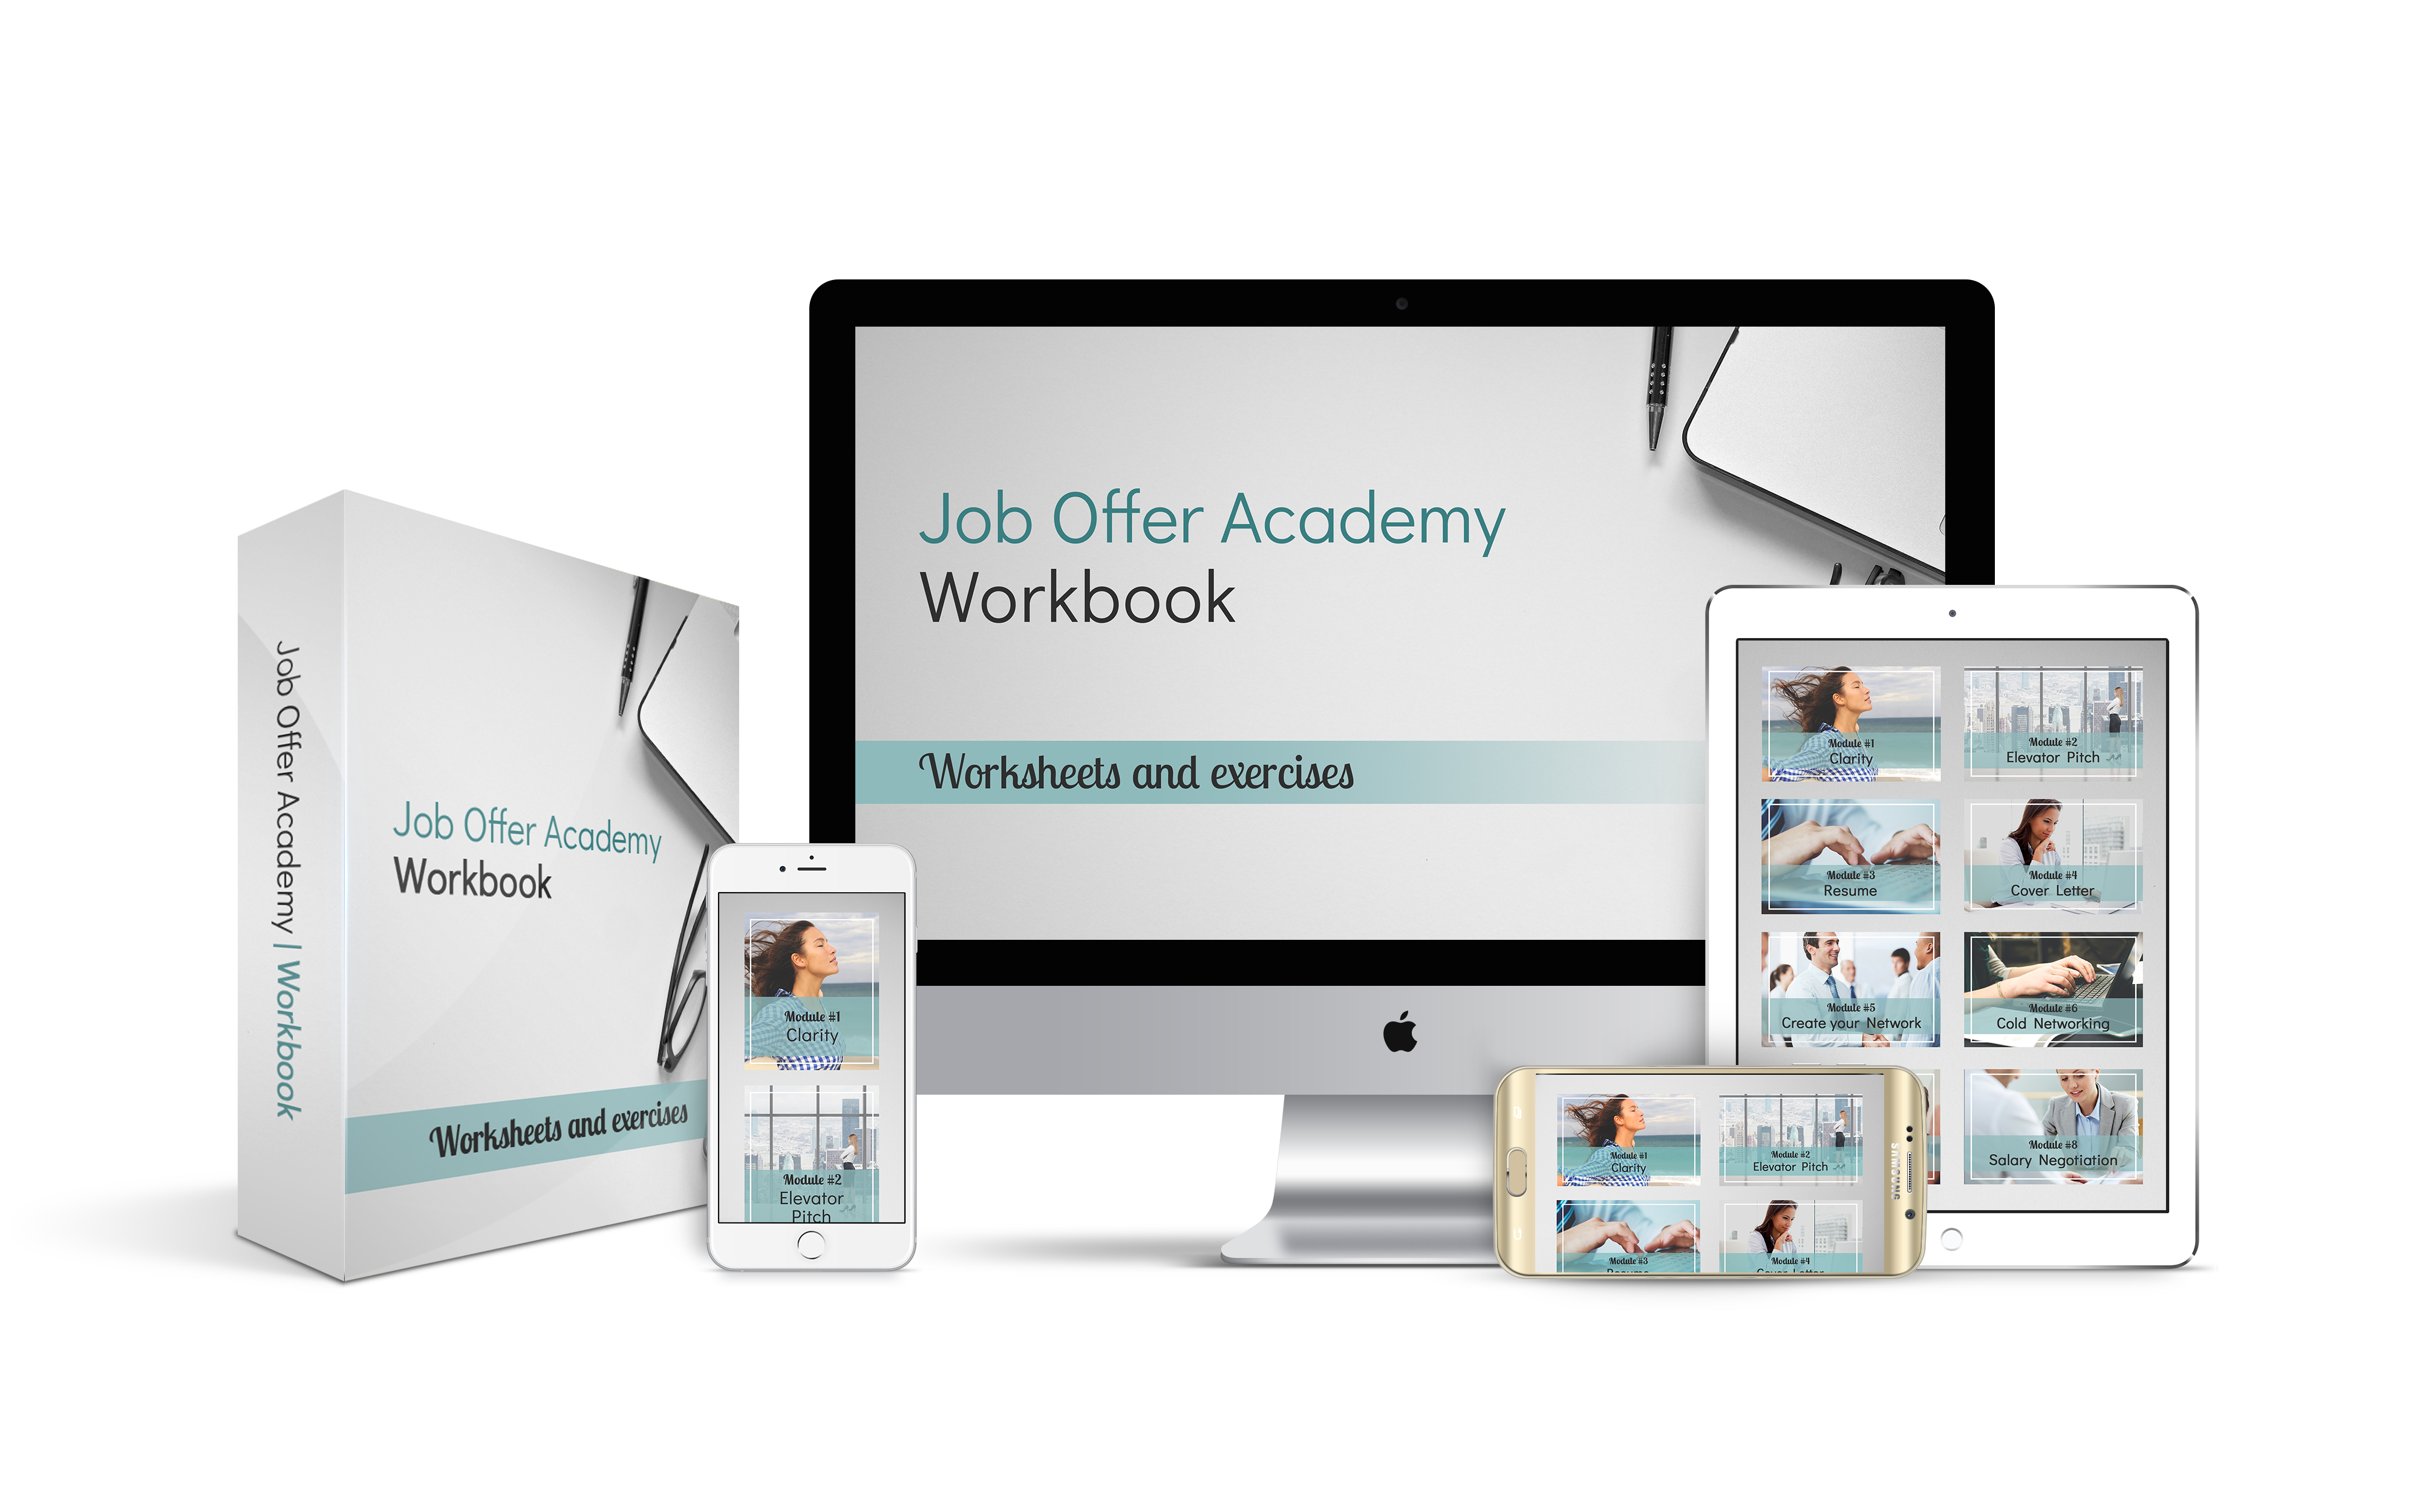 Job Offer Academy - Ashley Stahl Career Coach